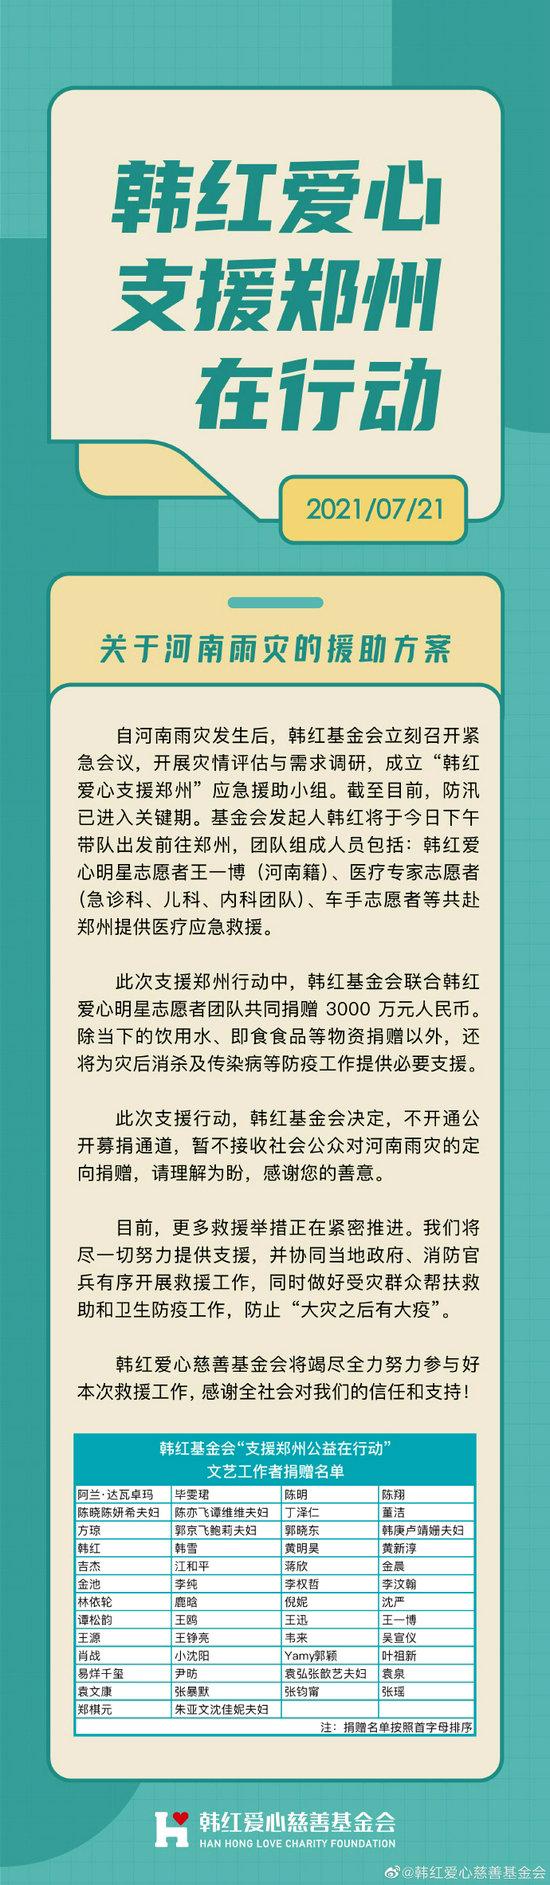 第二批河南的捐款艺人名单公布,王一博随韩红奔赴现场,支援家乡